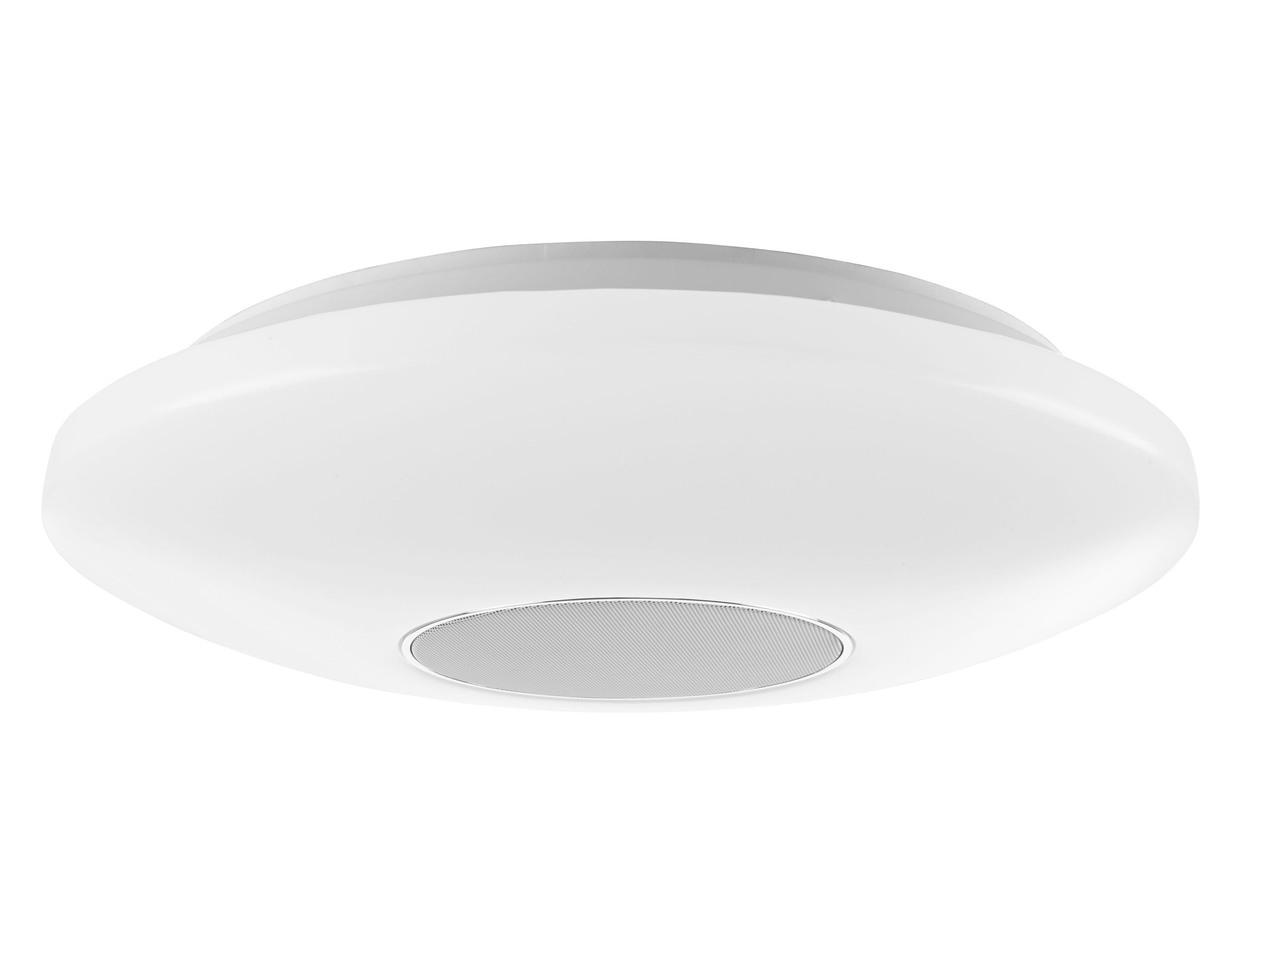 Plafoniere Con Altoparlanti : Lampada led da soffitto con altoparlante bluetooth lidl u italia